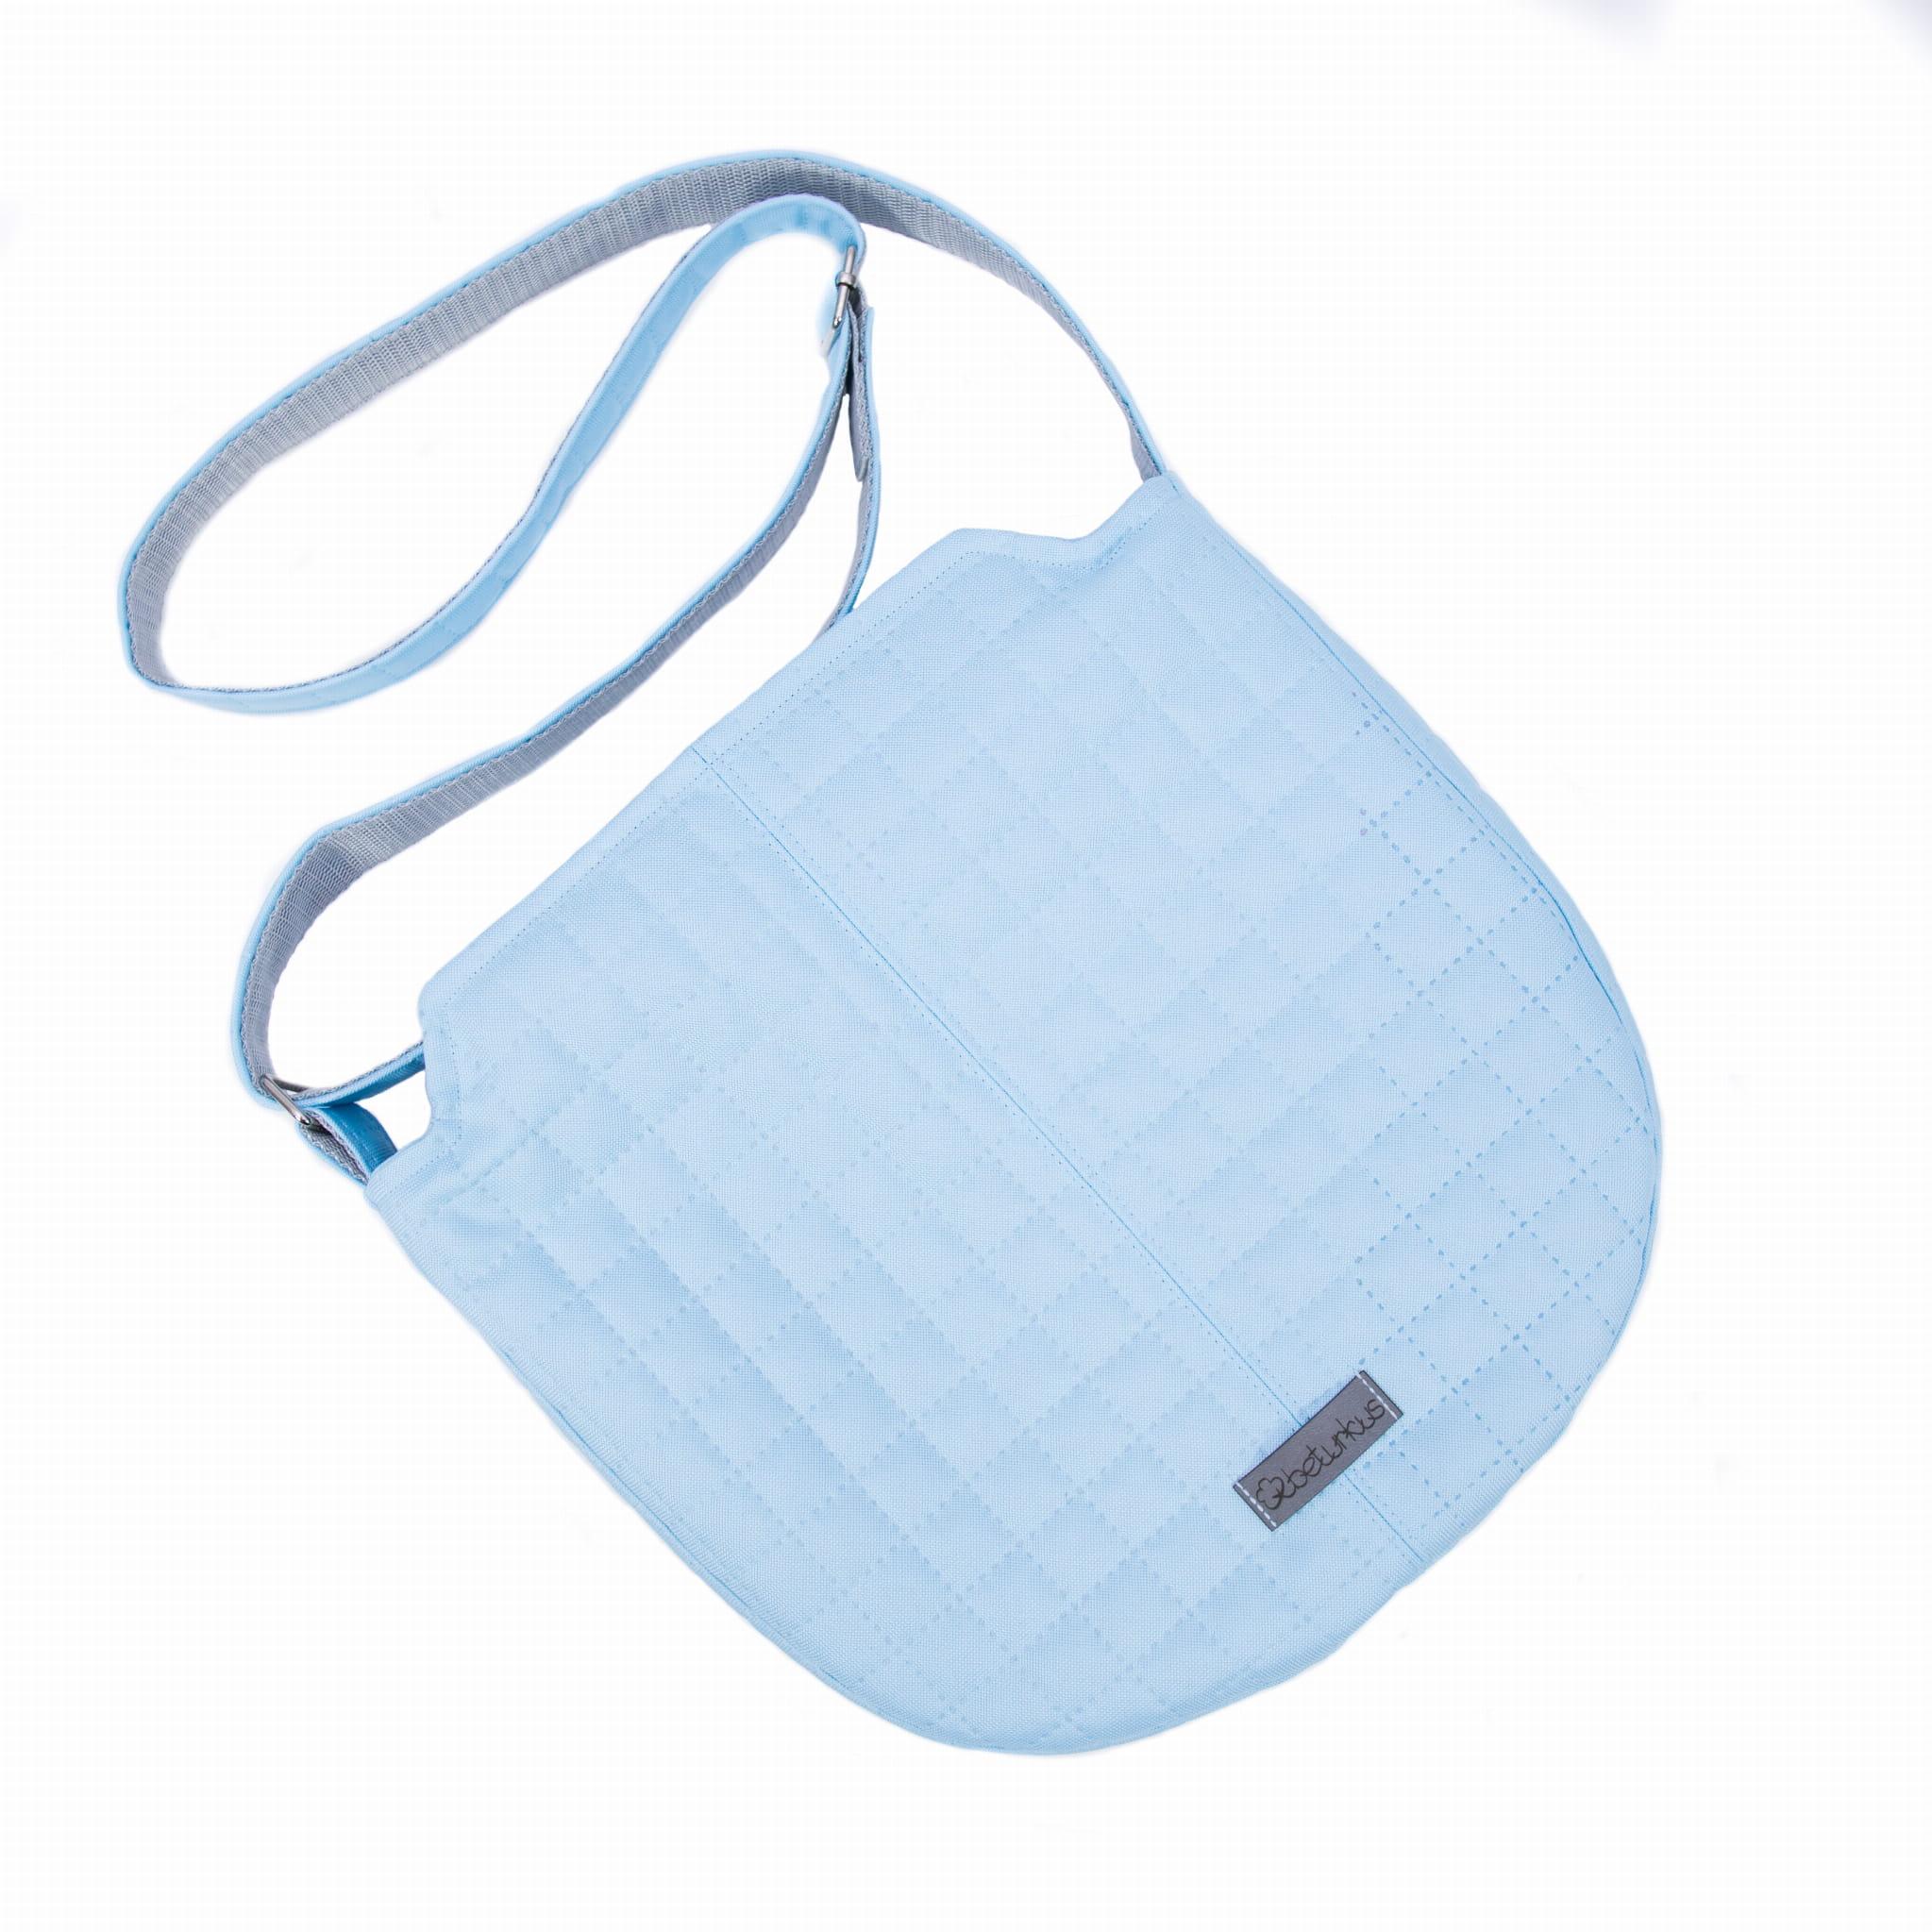 5c841c2b9cae7 ... sportowa torebka pikowana, pikowana listonoszka, niebieska blue torebka  na ramię, podręczna torebka na